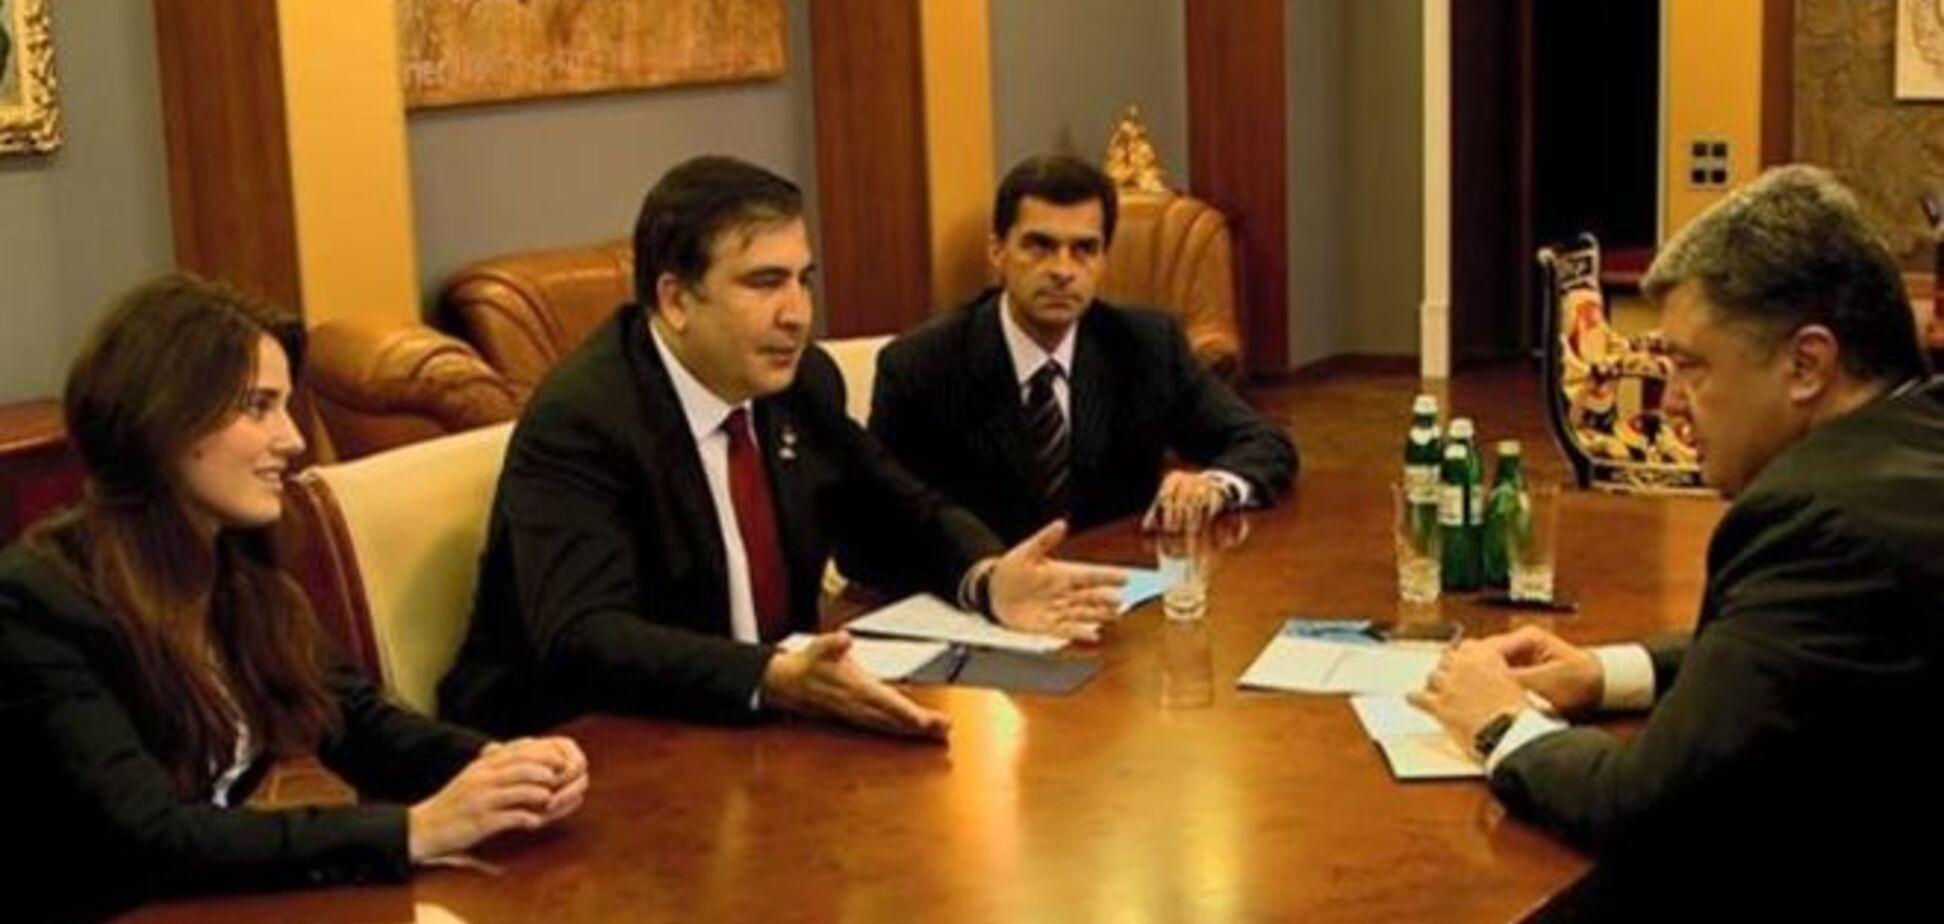 25-летняя активистка Майдана и друг Порошенко: Саакашвили показал своих заместителей